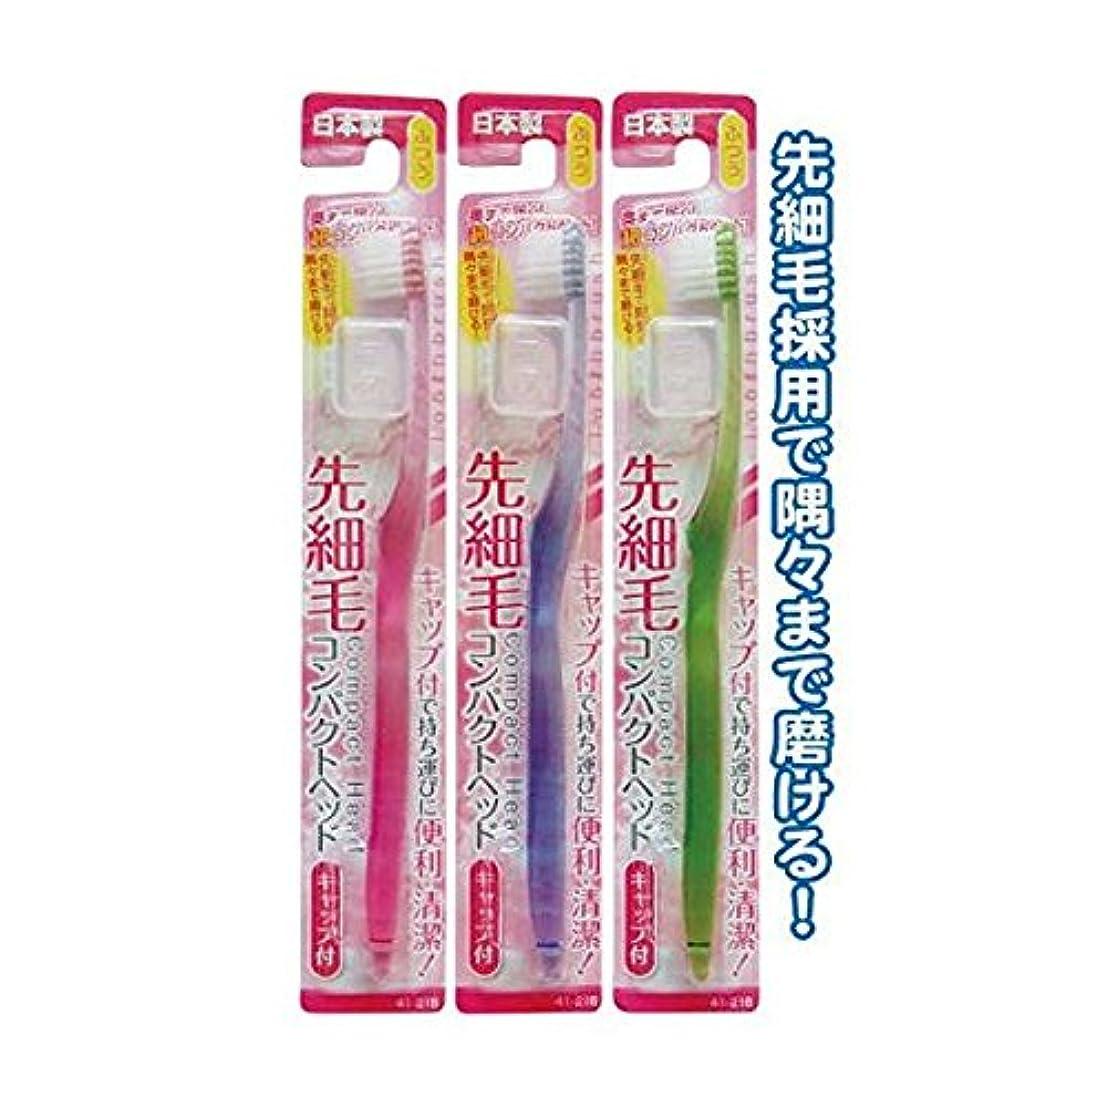 うねる楽観的病的コンパクトヘッドキャップ付歯ブラシ先細ふつう日本製 [12個セット] 41-218